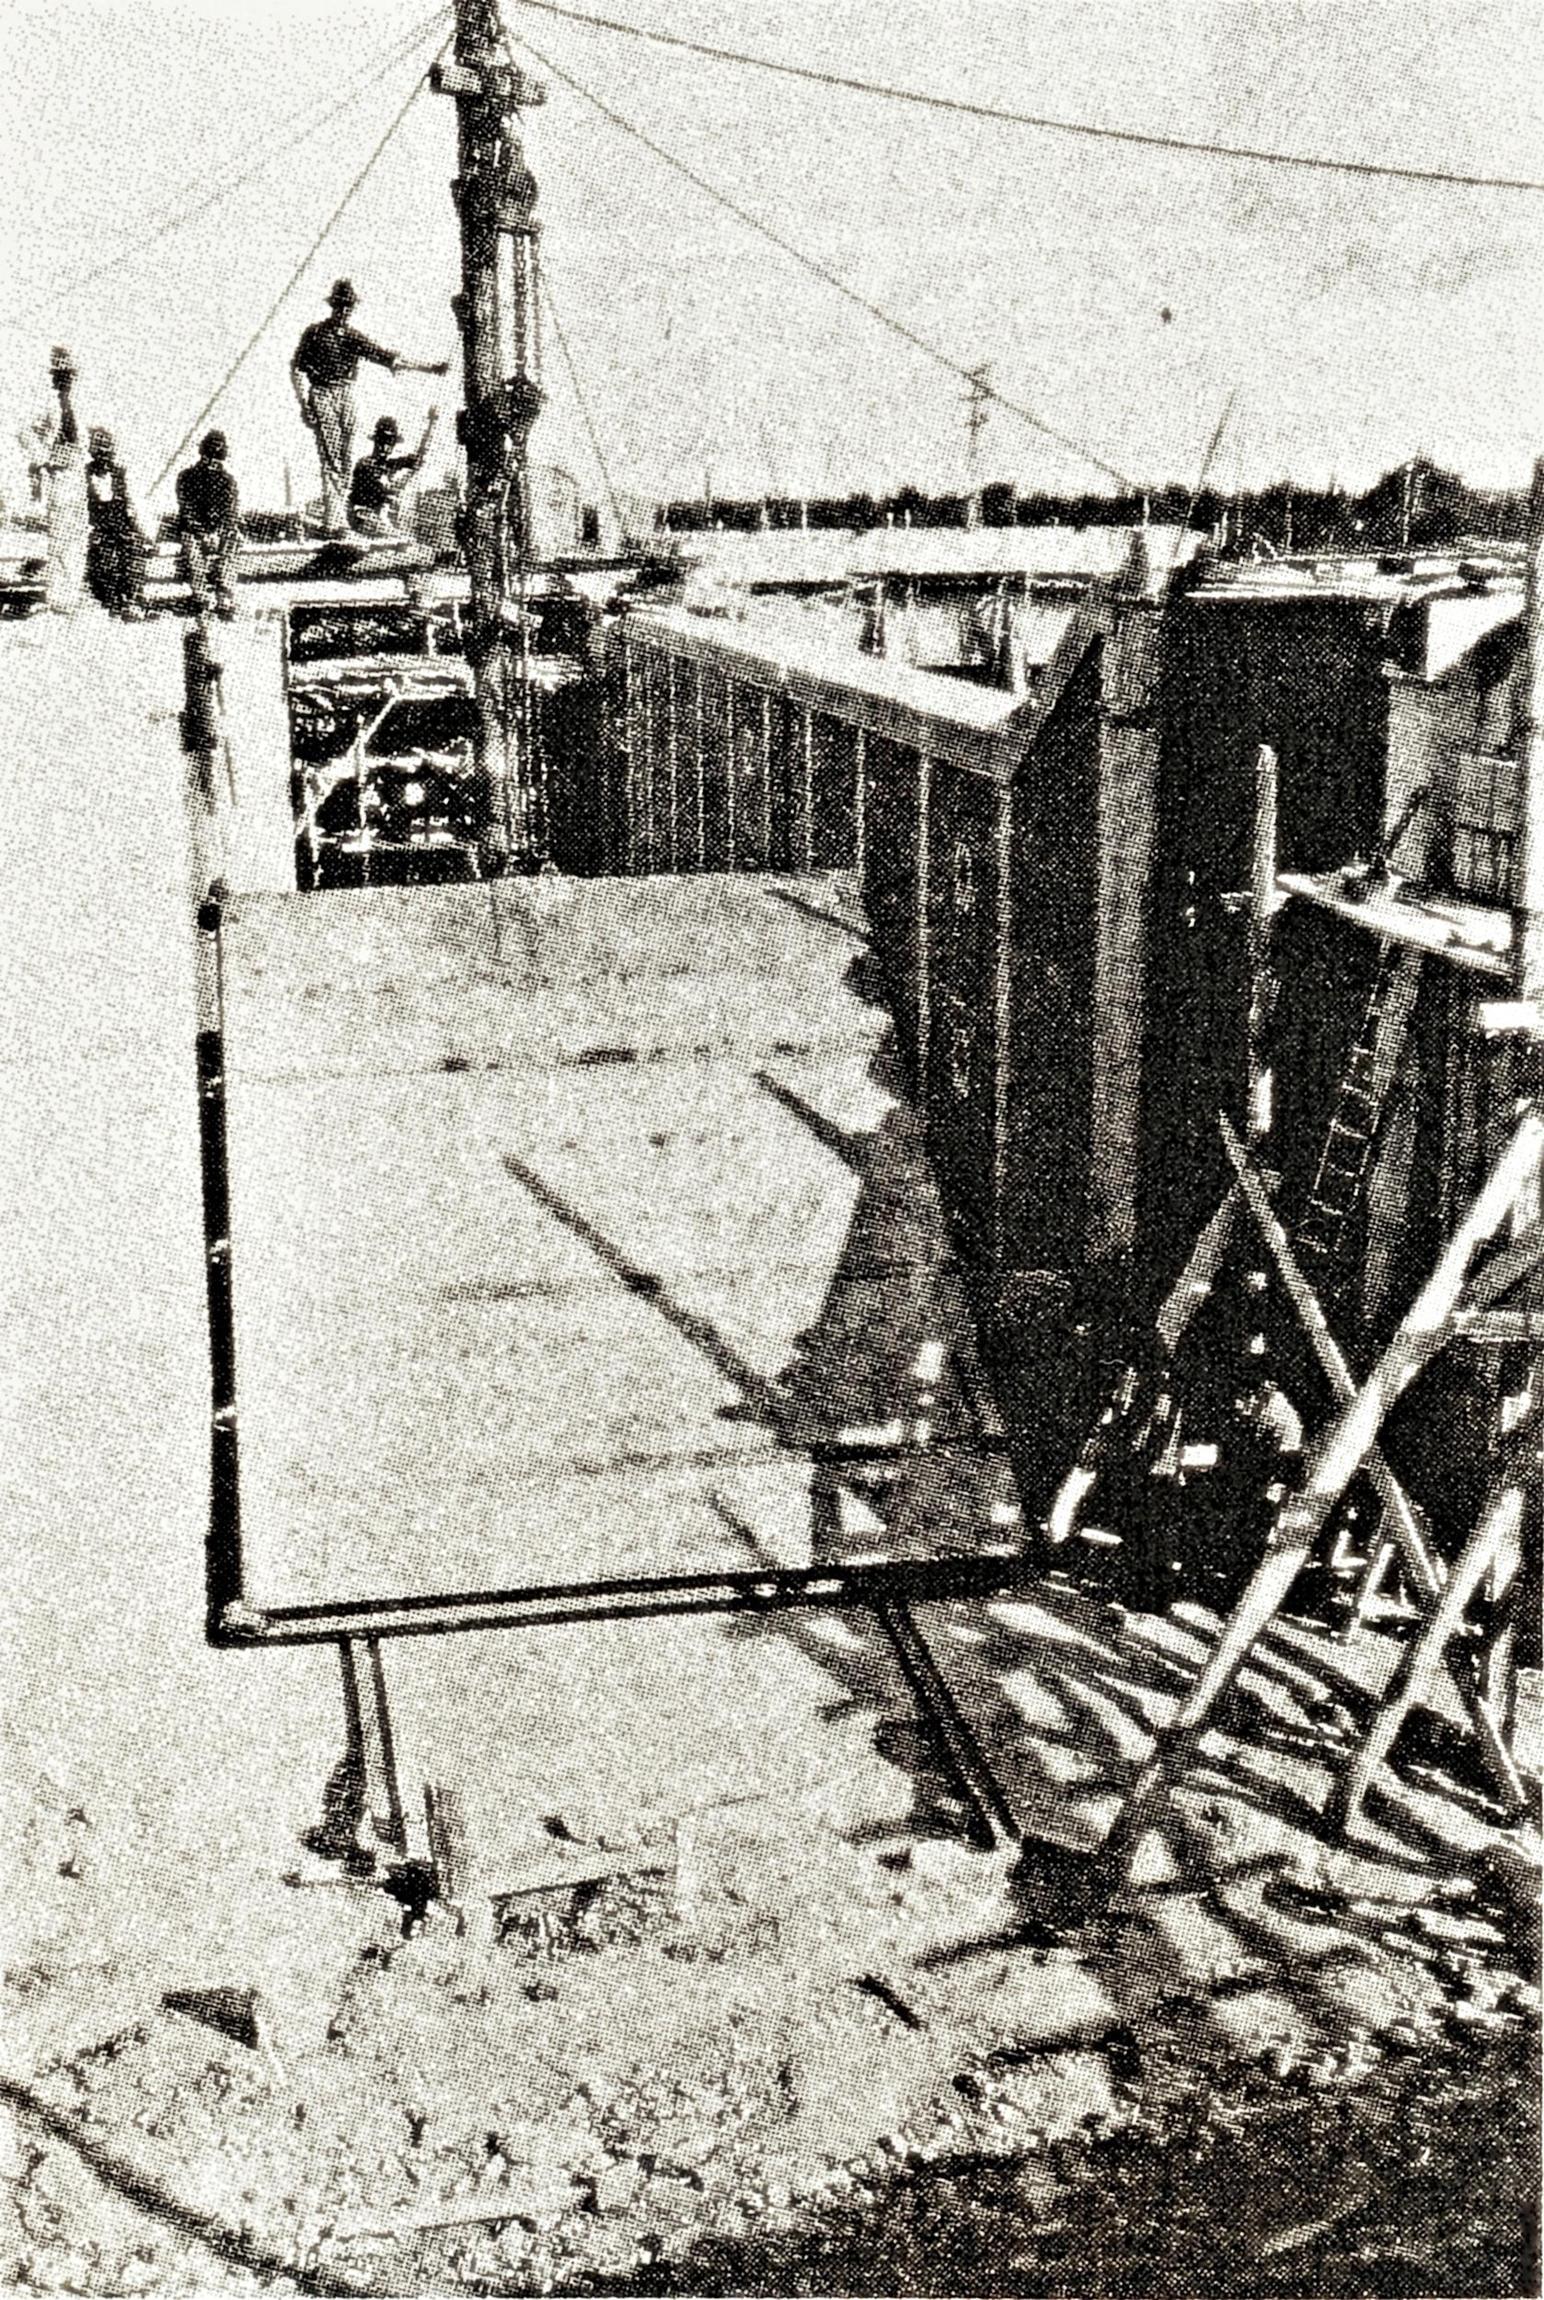 Battaglia, montaggio di una delle porte a monte della conca di navigazione.